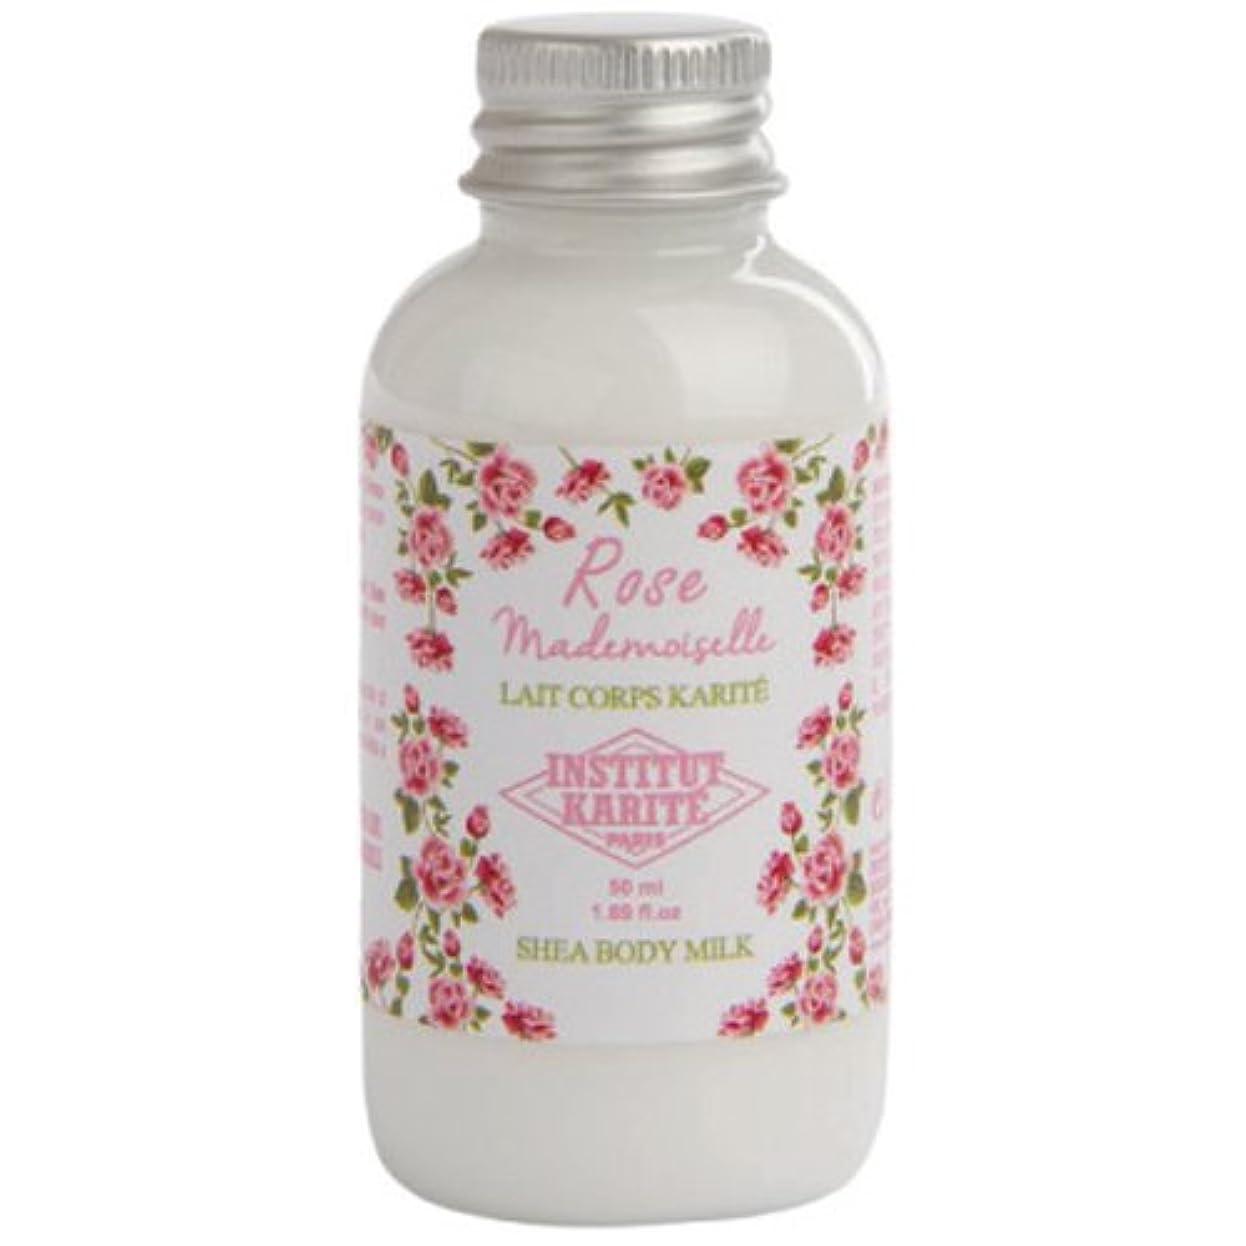 周辺薄い協力INSTITUT KARITE カリテ Rose Mademoiselle クラシックローズ Travel Shea Body Milk 50ml